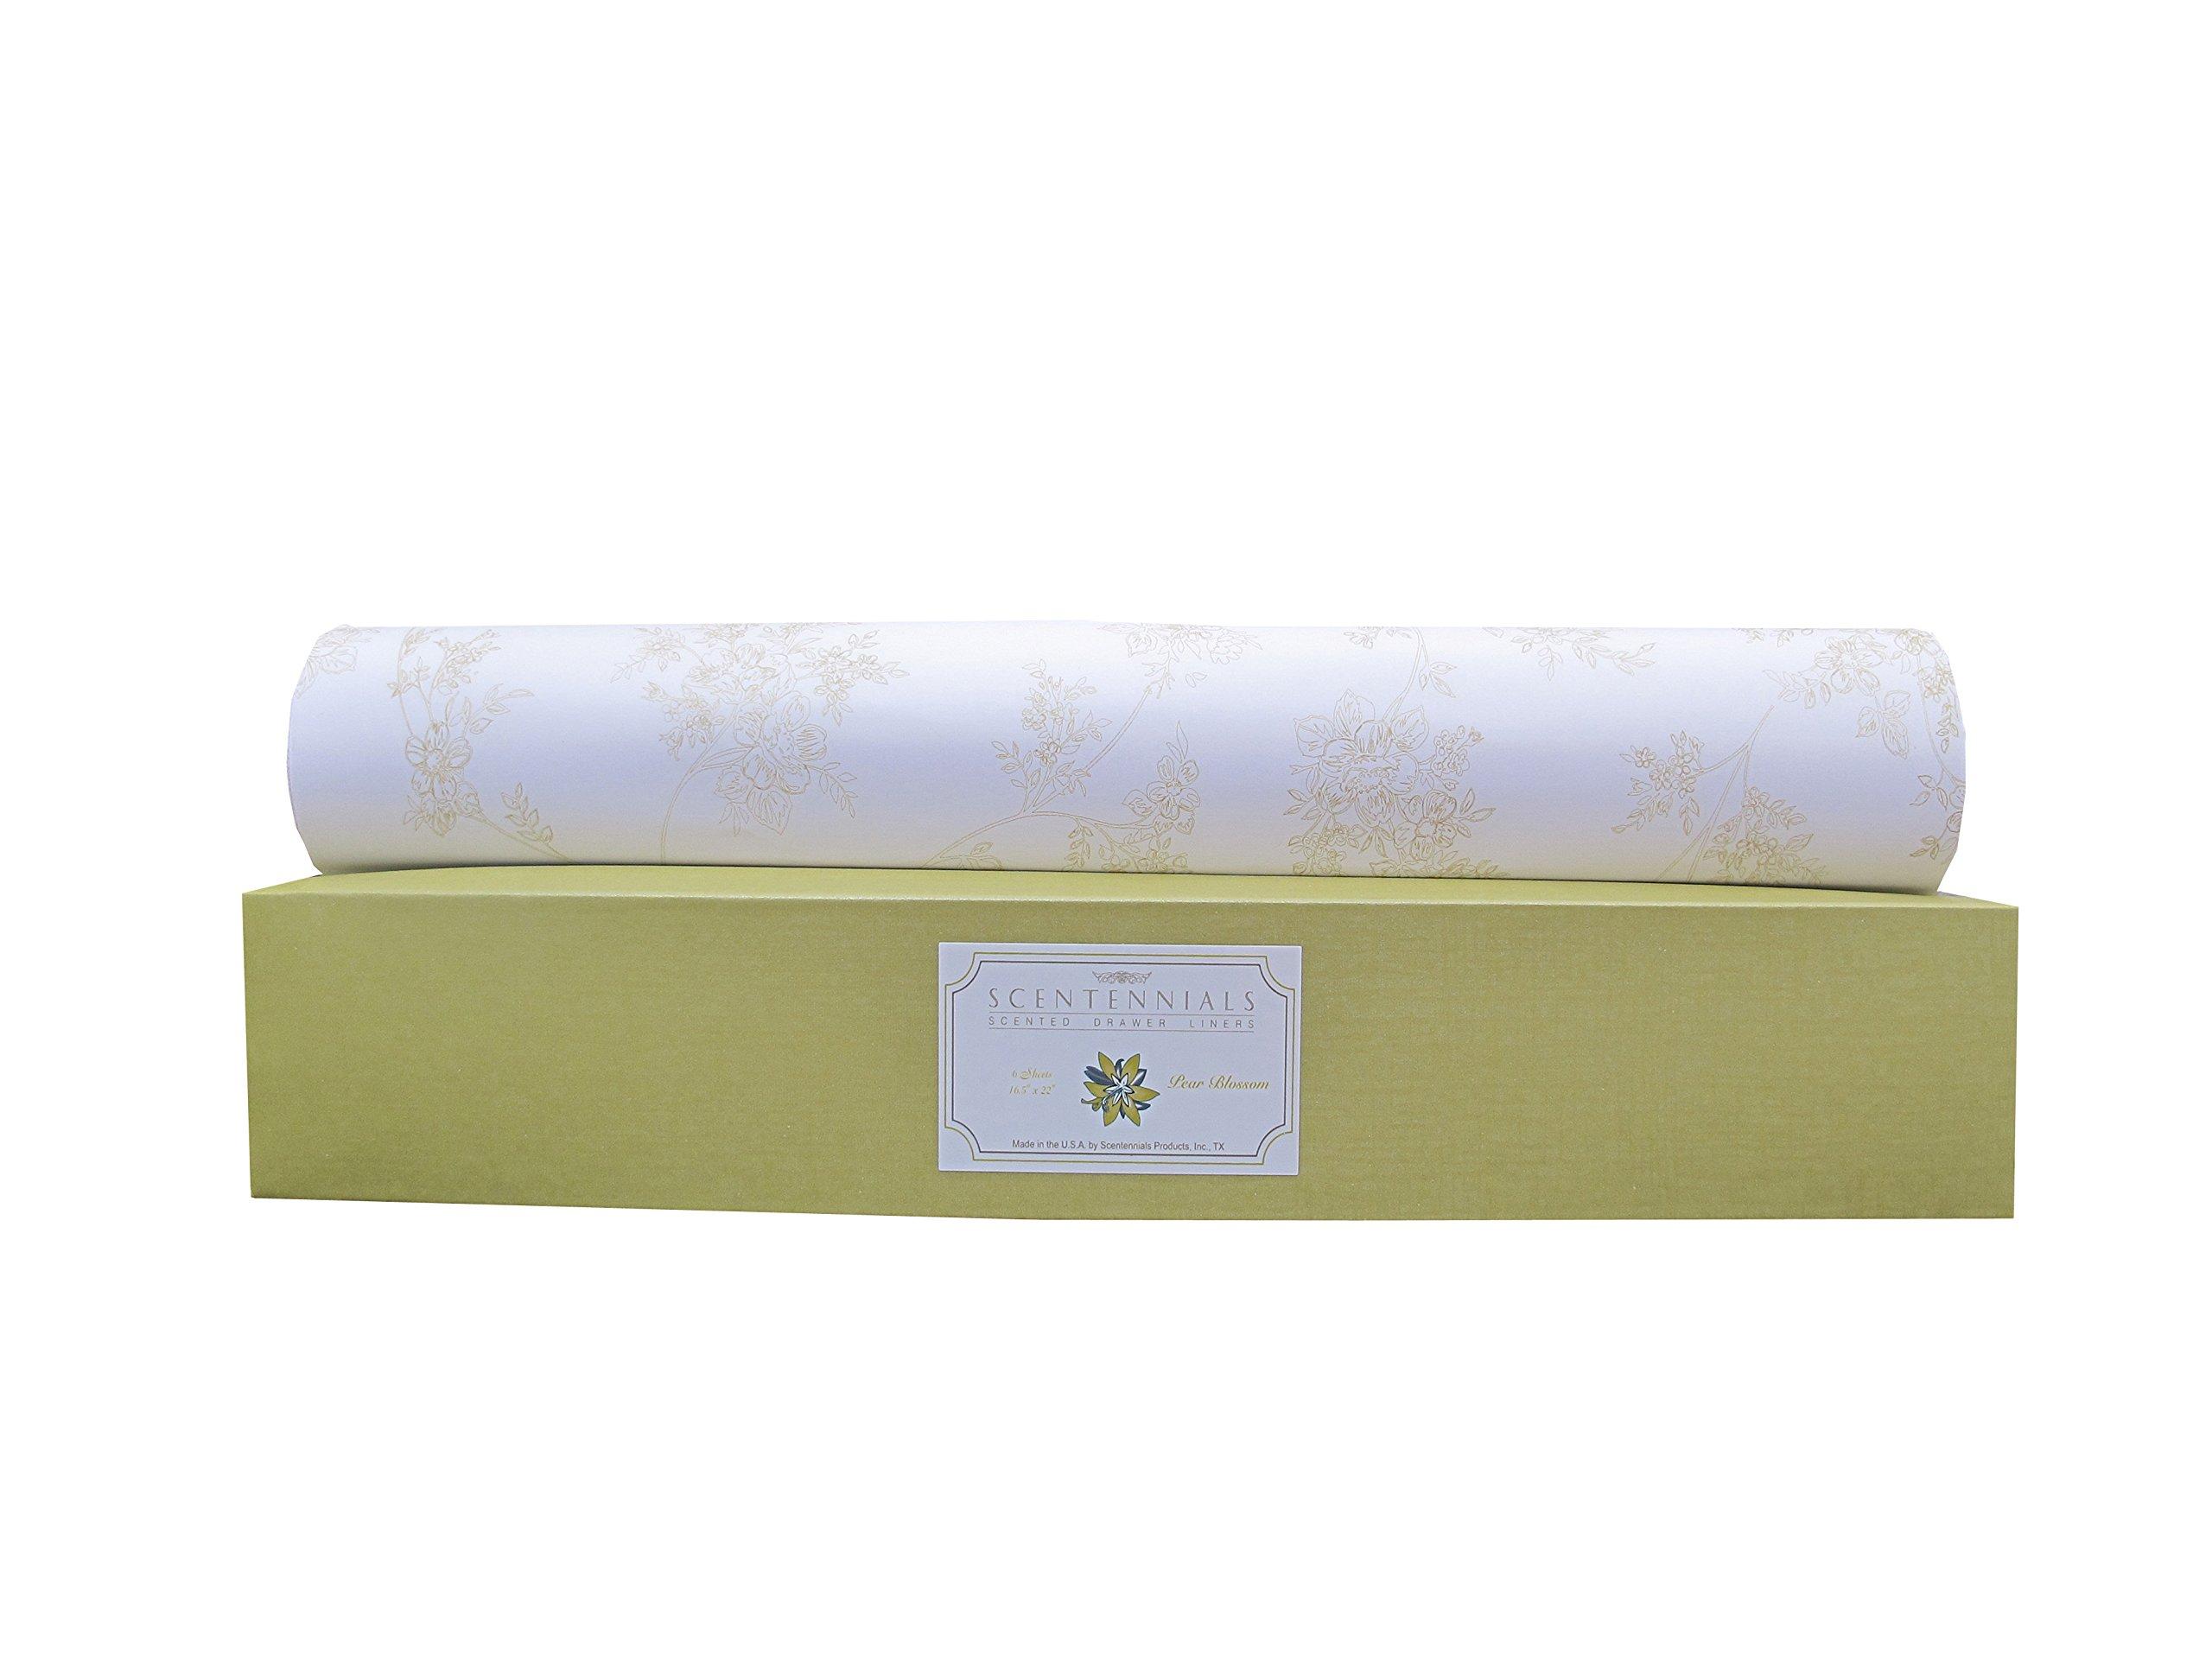 Scentennials Green Tea & Lemon (18 Sheets) Scented Drawer Liners by Scentennials Scented Drawer Liners